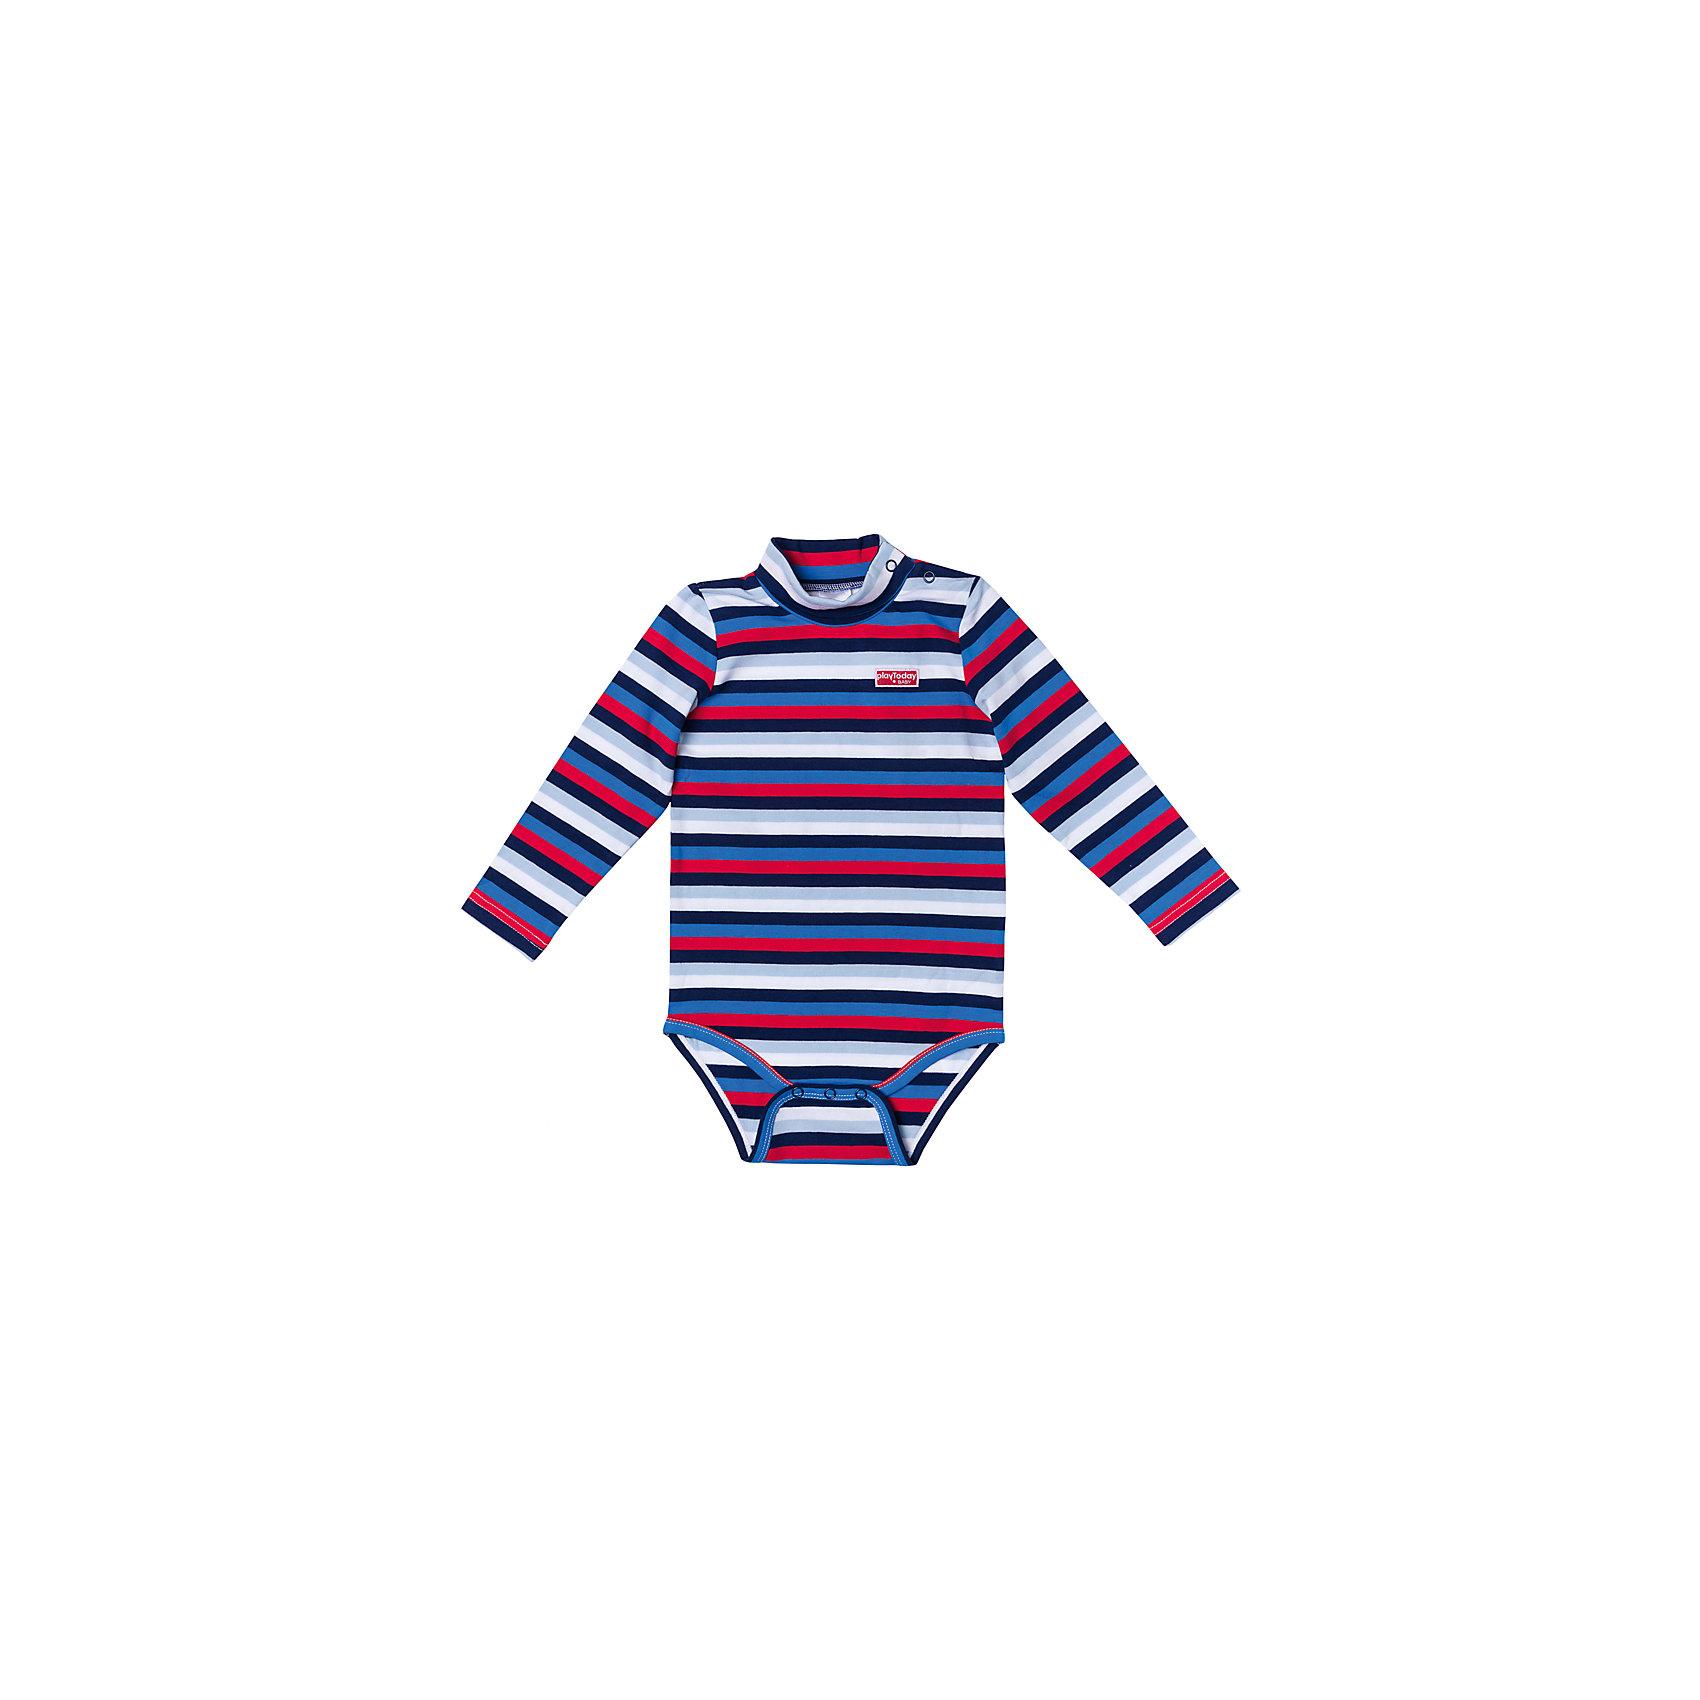 Боди для мальчика PlayTodayБоди<br>Боди для мальчика PlayToday<br>Боди из мягкой хлопковой ткани разнообразит гардероб Вашего малыша. Модель выполнена методомyarn dyed - в процессе производства в полотне используются разного цвета нити. Тем самым изделие, при рекомендуемом уходе, не линяет и надолго остается в прежнем виде, это определенный знак качества. Материал приятен к телу и не вызывает раздражений. Аккуратные швы не вызывают неприятных ощущений. Для удобства снимания - одевания на горловине и в паховой области расположены застежки - кнопки.Преимущества: Метод производства - YARN DYEDАккуратные швы не вызывают неприятных ощущений.Модель на застежках - кнопках<br>Состав:<br>95% хлопок, 5% эластан<br><br>Ширина мм: 157<br>Глубина мм: 13<br>Высота мм: 119<br>Вес г: 200<br>Цвет: разноцветный<br>Возраст от месяцев: 6<br>Возраст до месяцев: 9<br>Пол: Мужской<br>Возраст: Детский<br>Размер: 74,86,80<br>SKU: 5407770